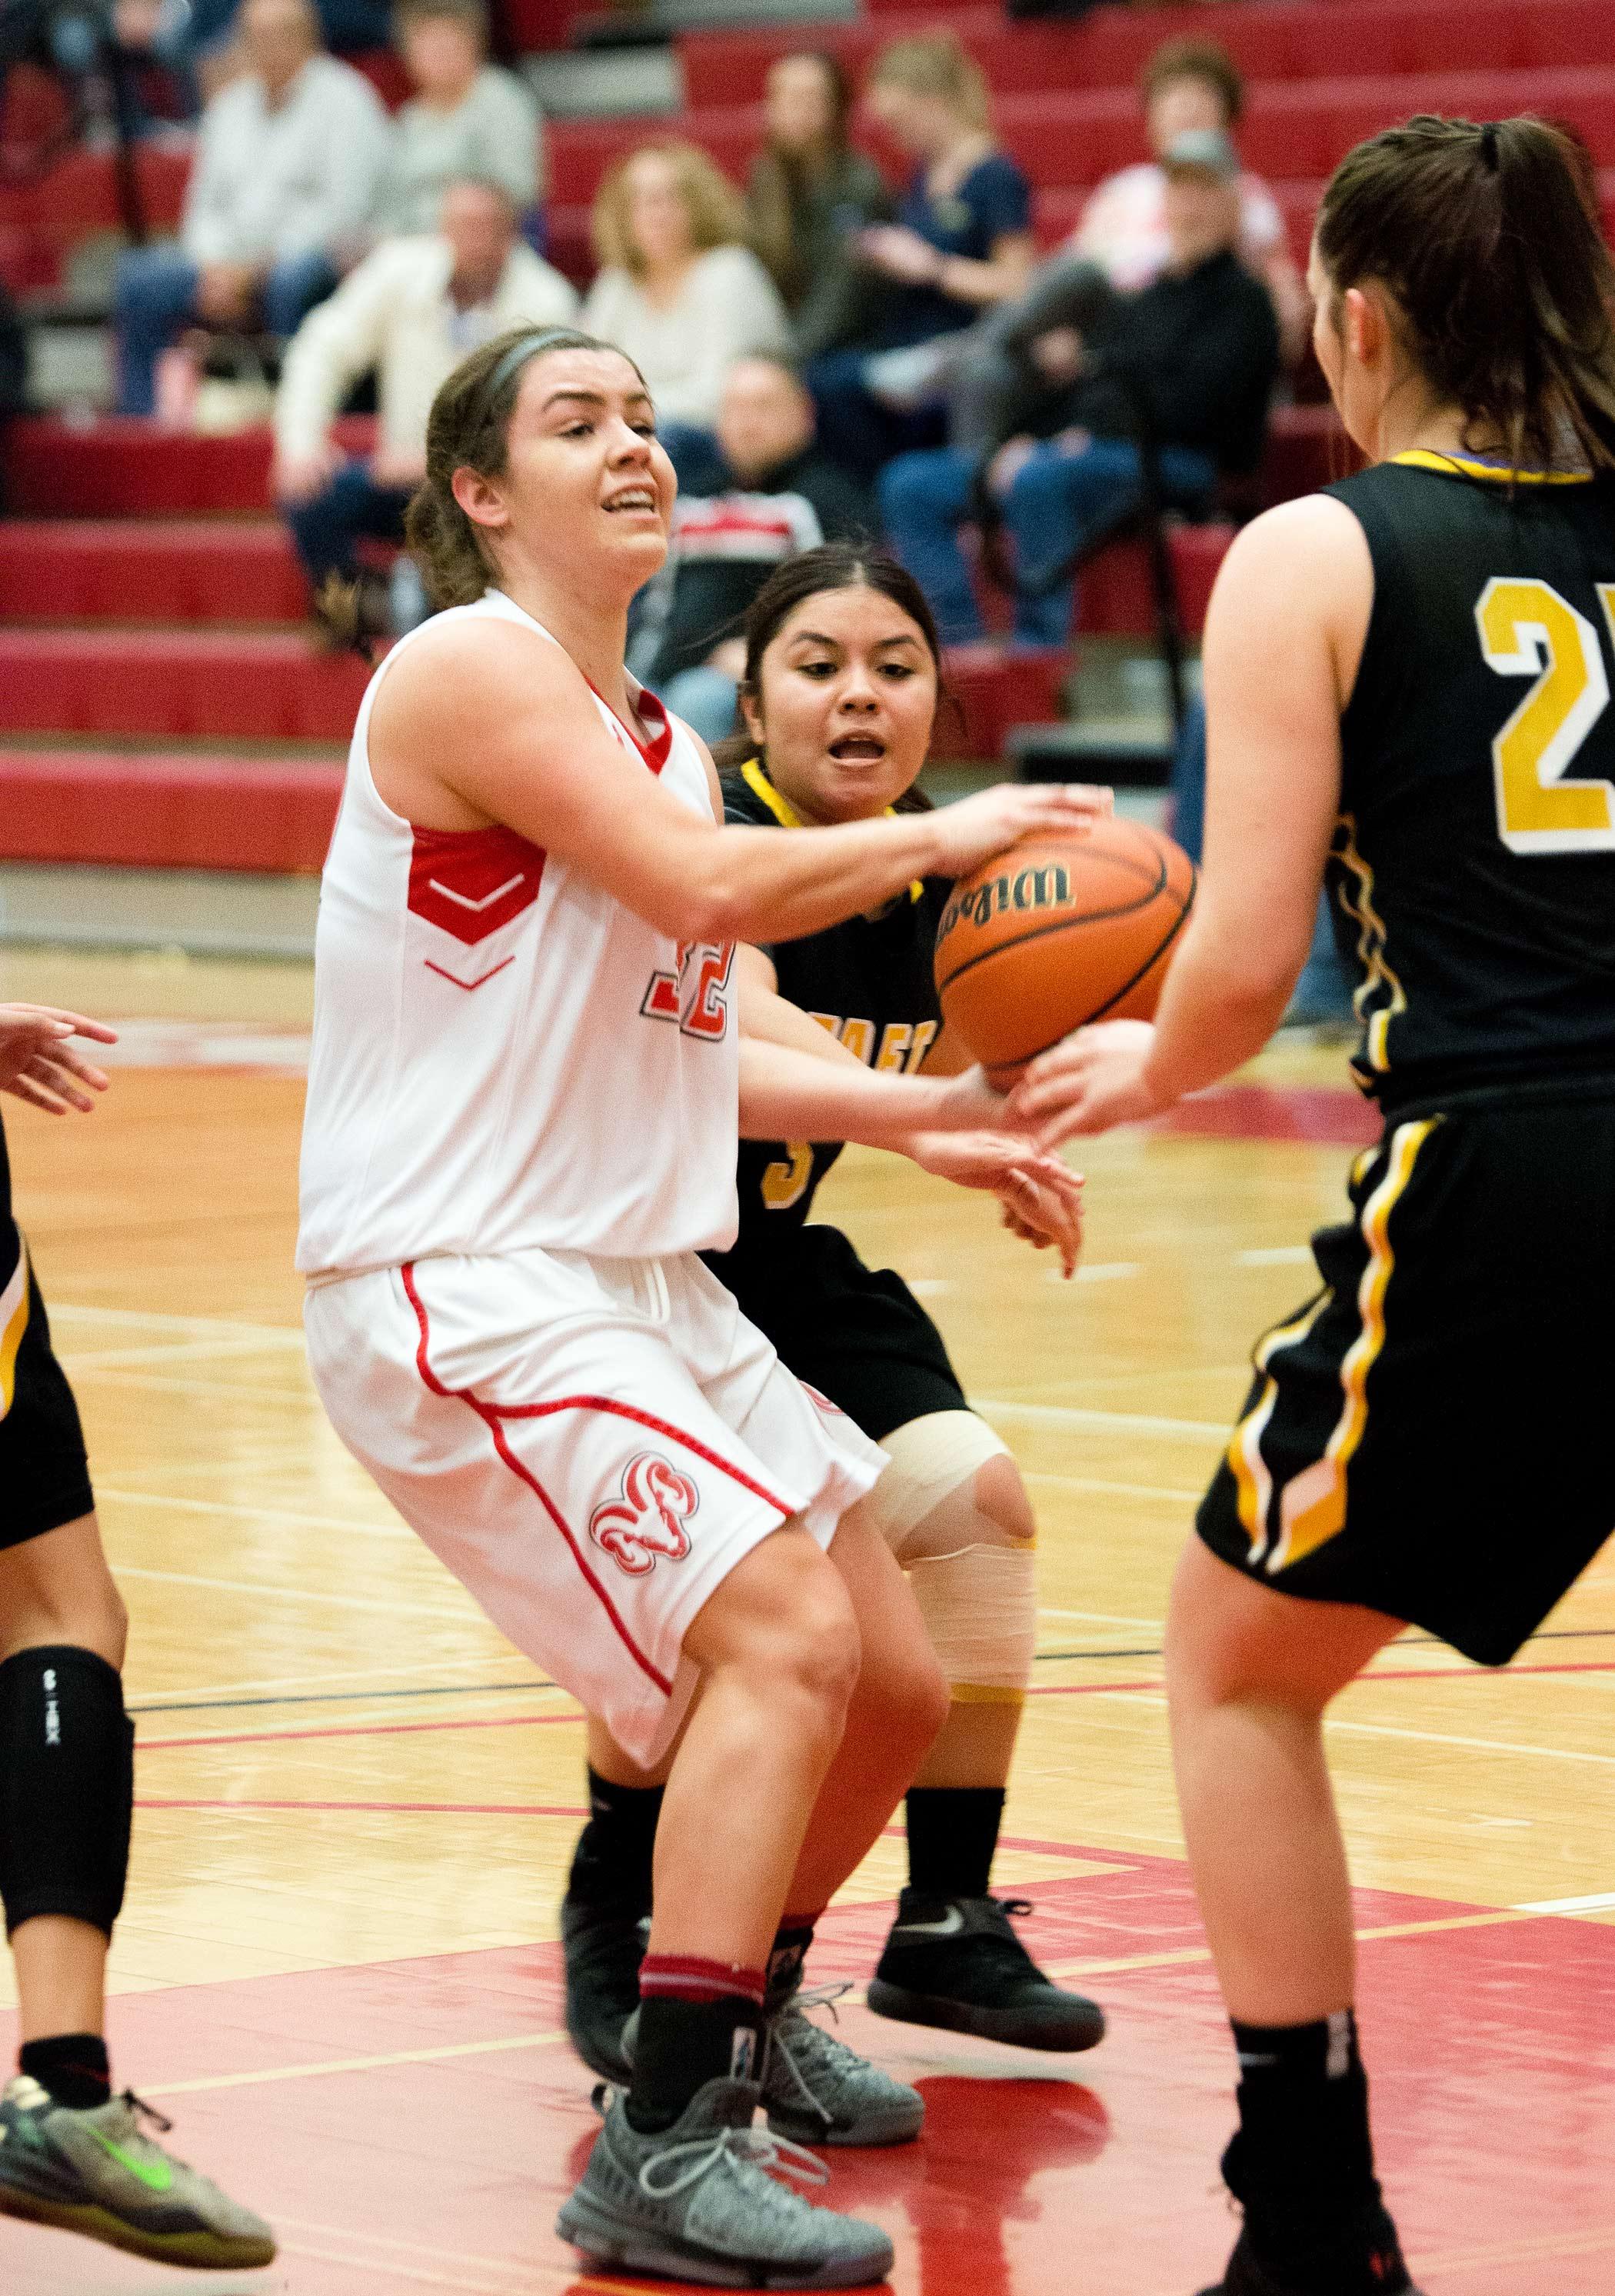 FCC women's basketball game on Jan. 24.